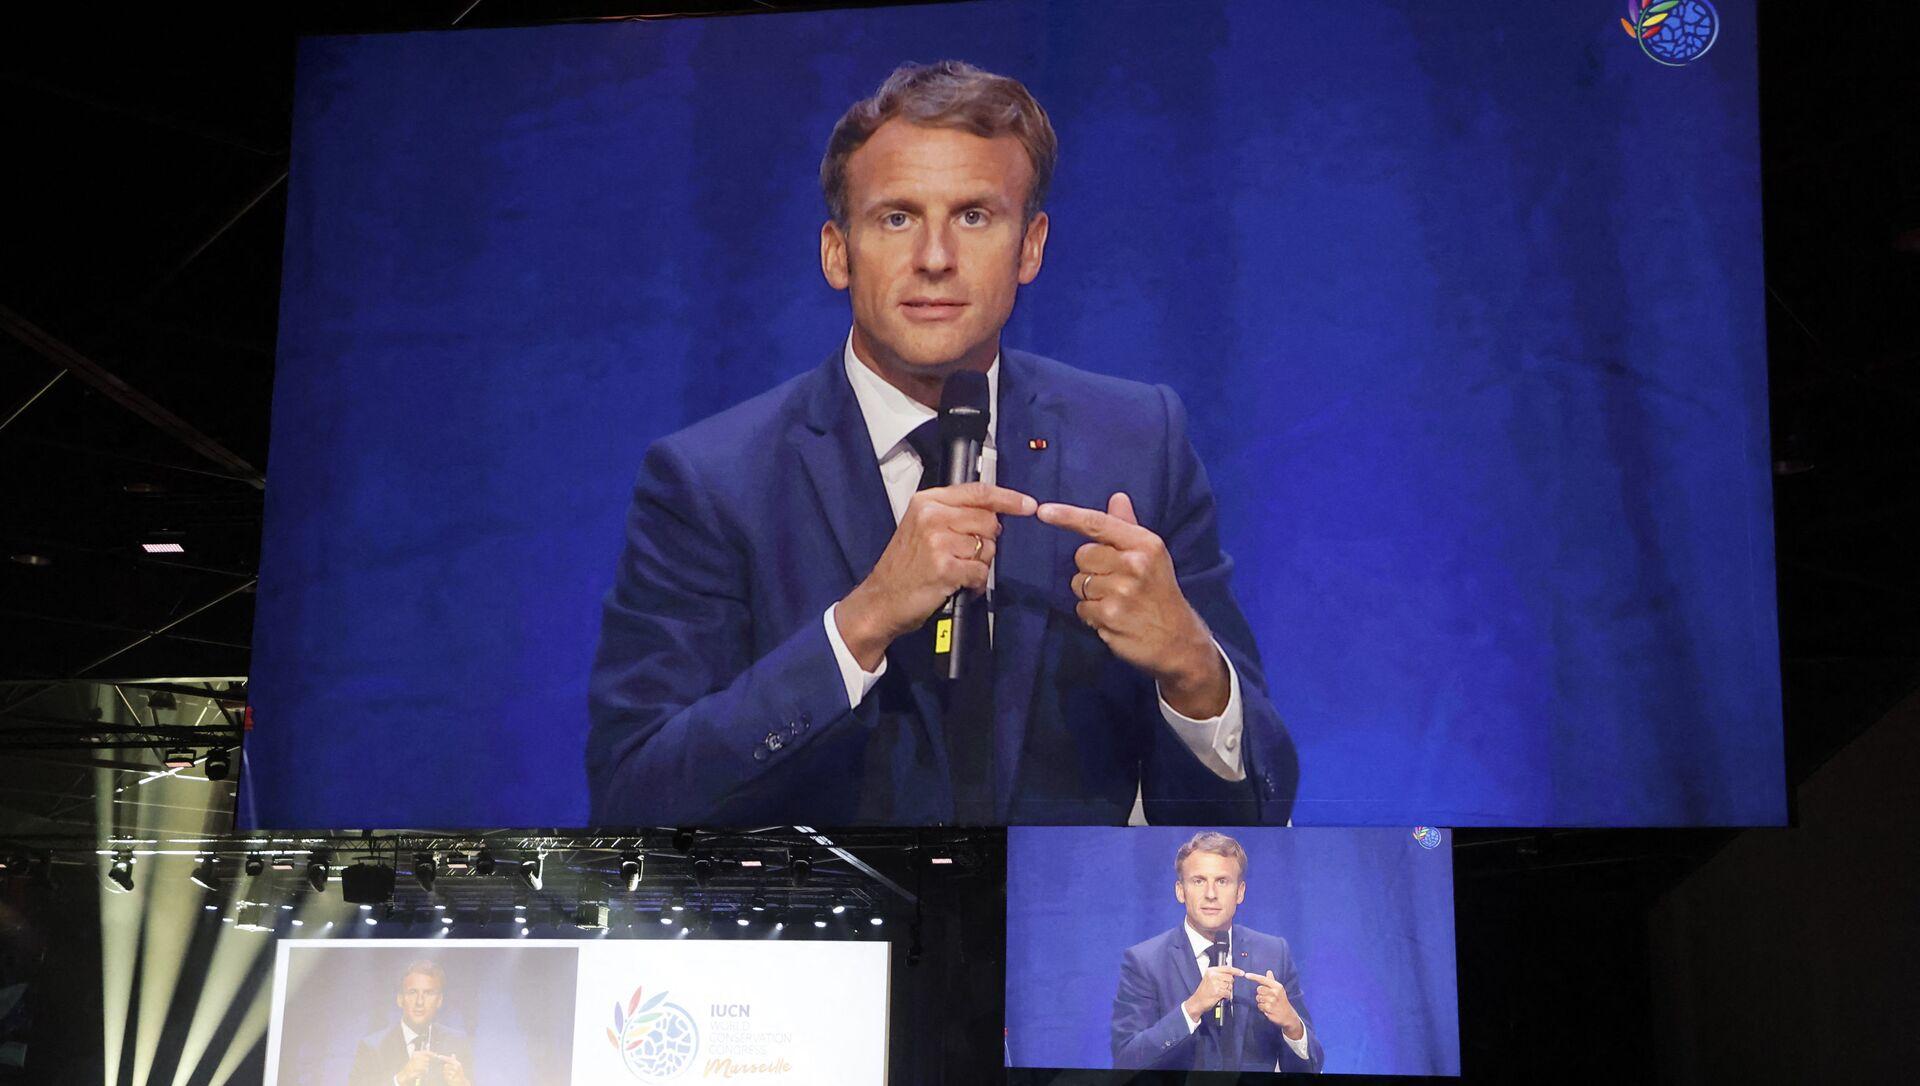 Discours inaugural d'Emmanuel Macron au congrès mondial de la nature de l'IUCN - Sputnik France, 1920, 07.09.2021